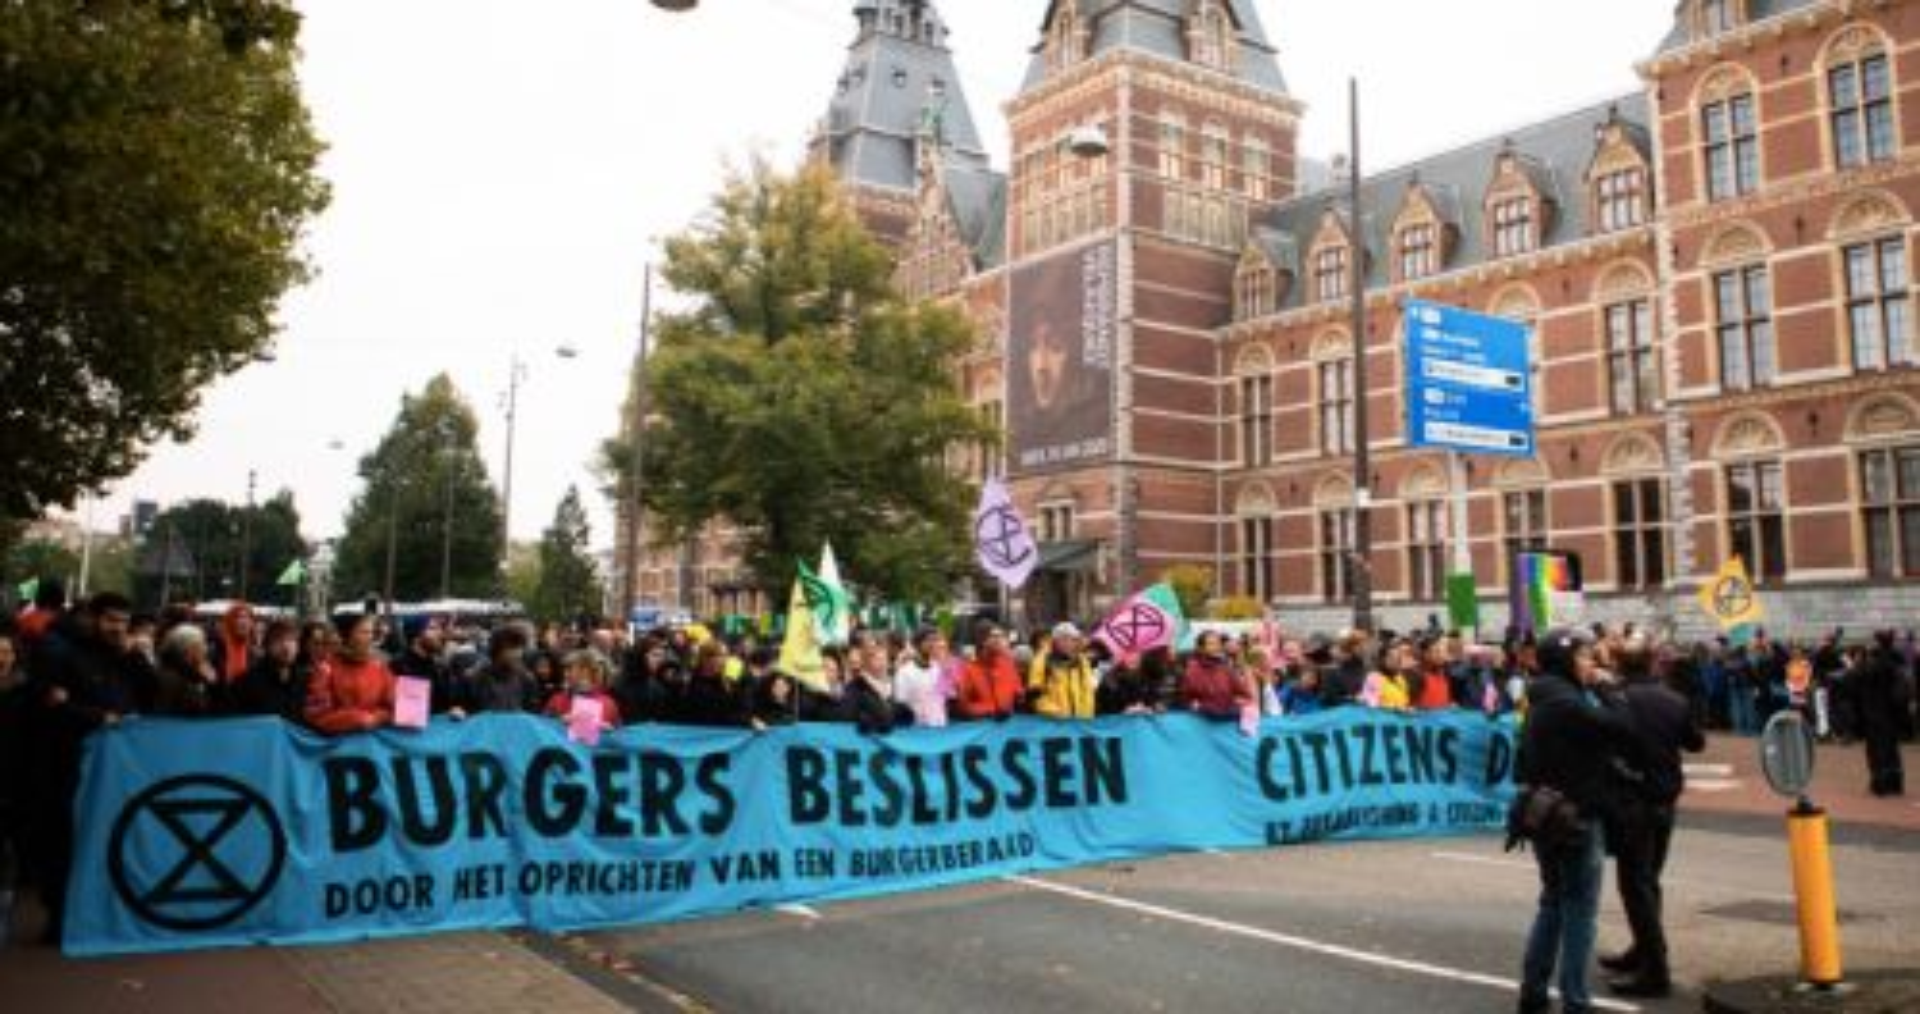 Extinction Rebellion gaat 'dood neer vallen' voor het klimaat